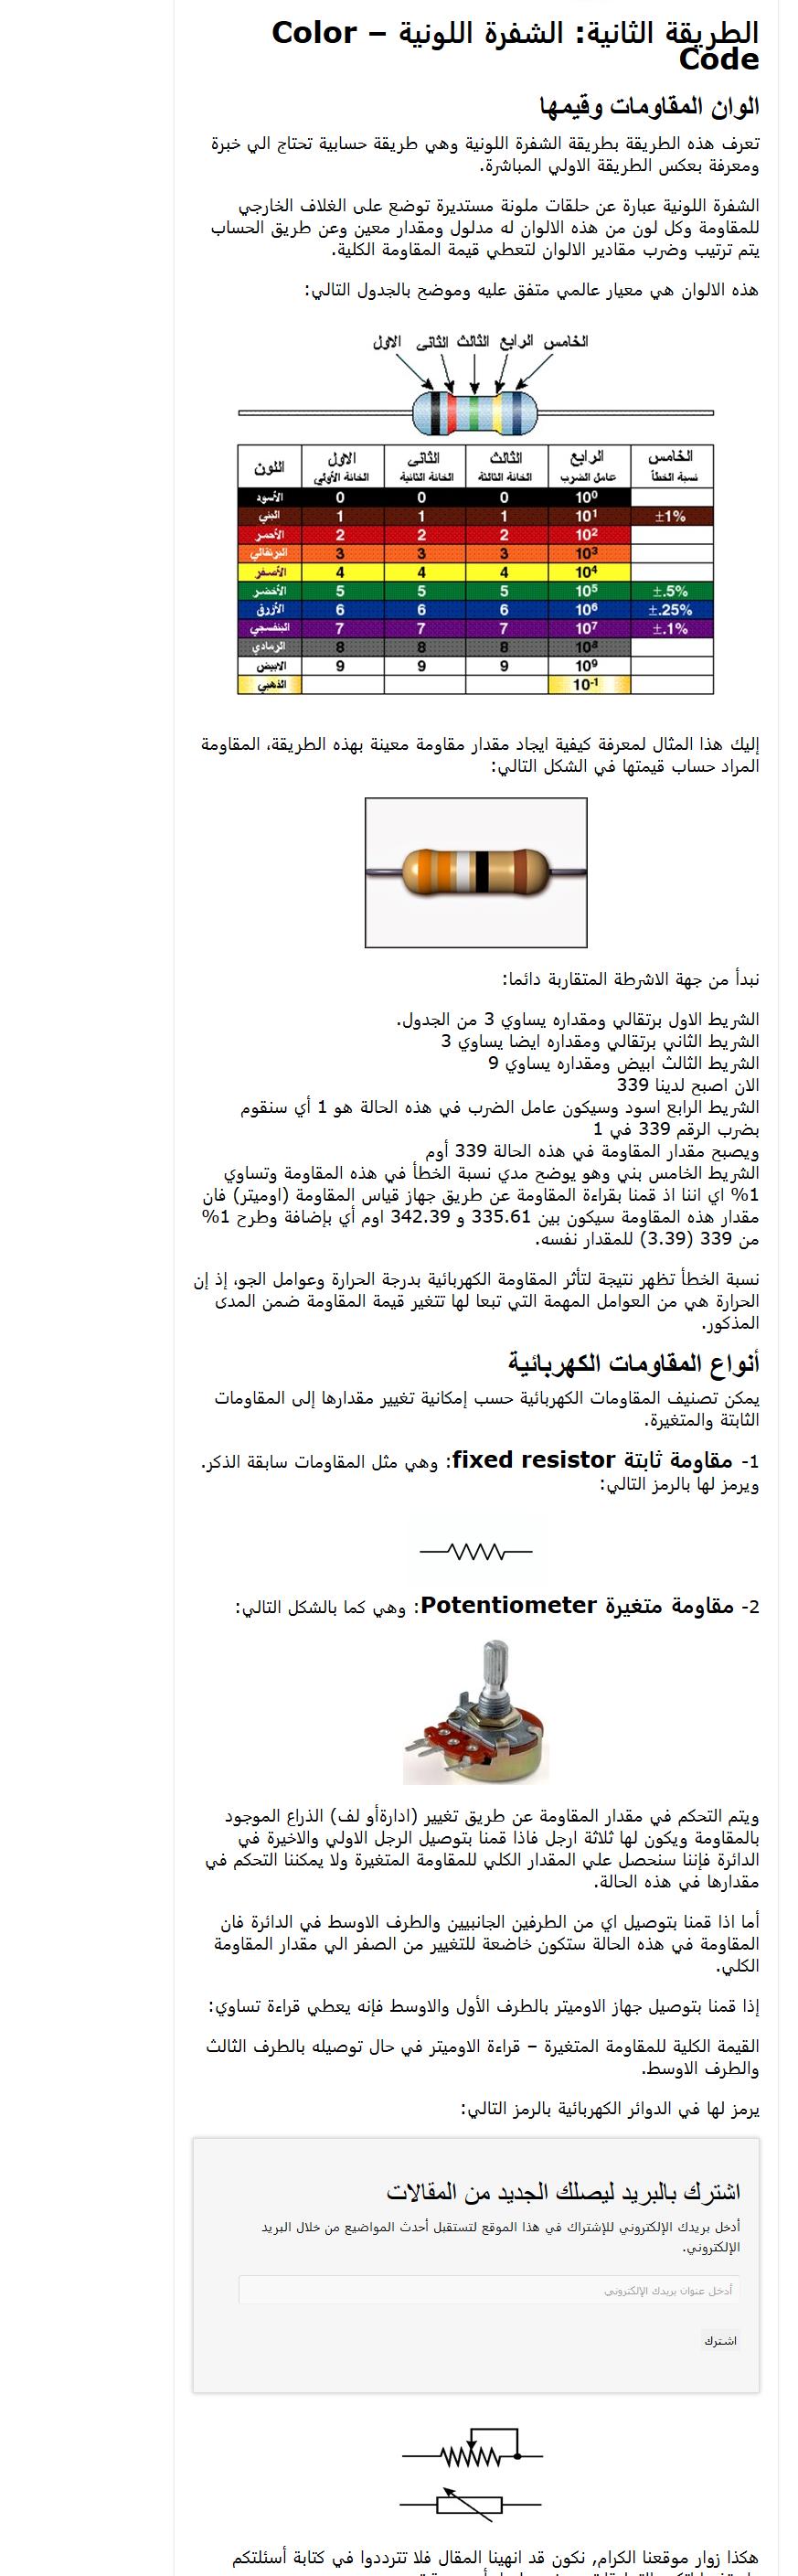 شرح قانون أوم / المقاومة النوعية فيديو - فيزياء الثانوية العامة نظام جديد أ/ علي إسماعيل 1316